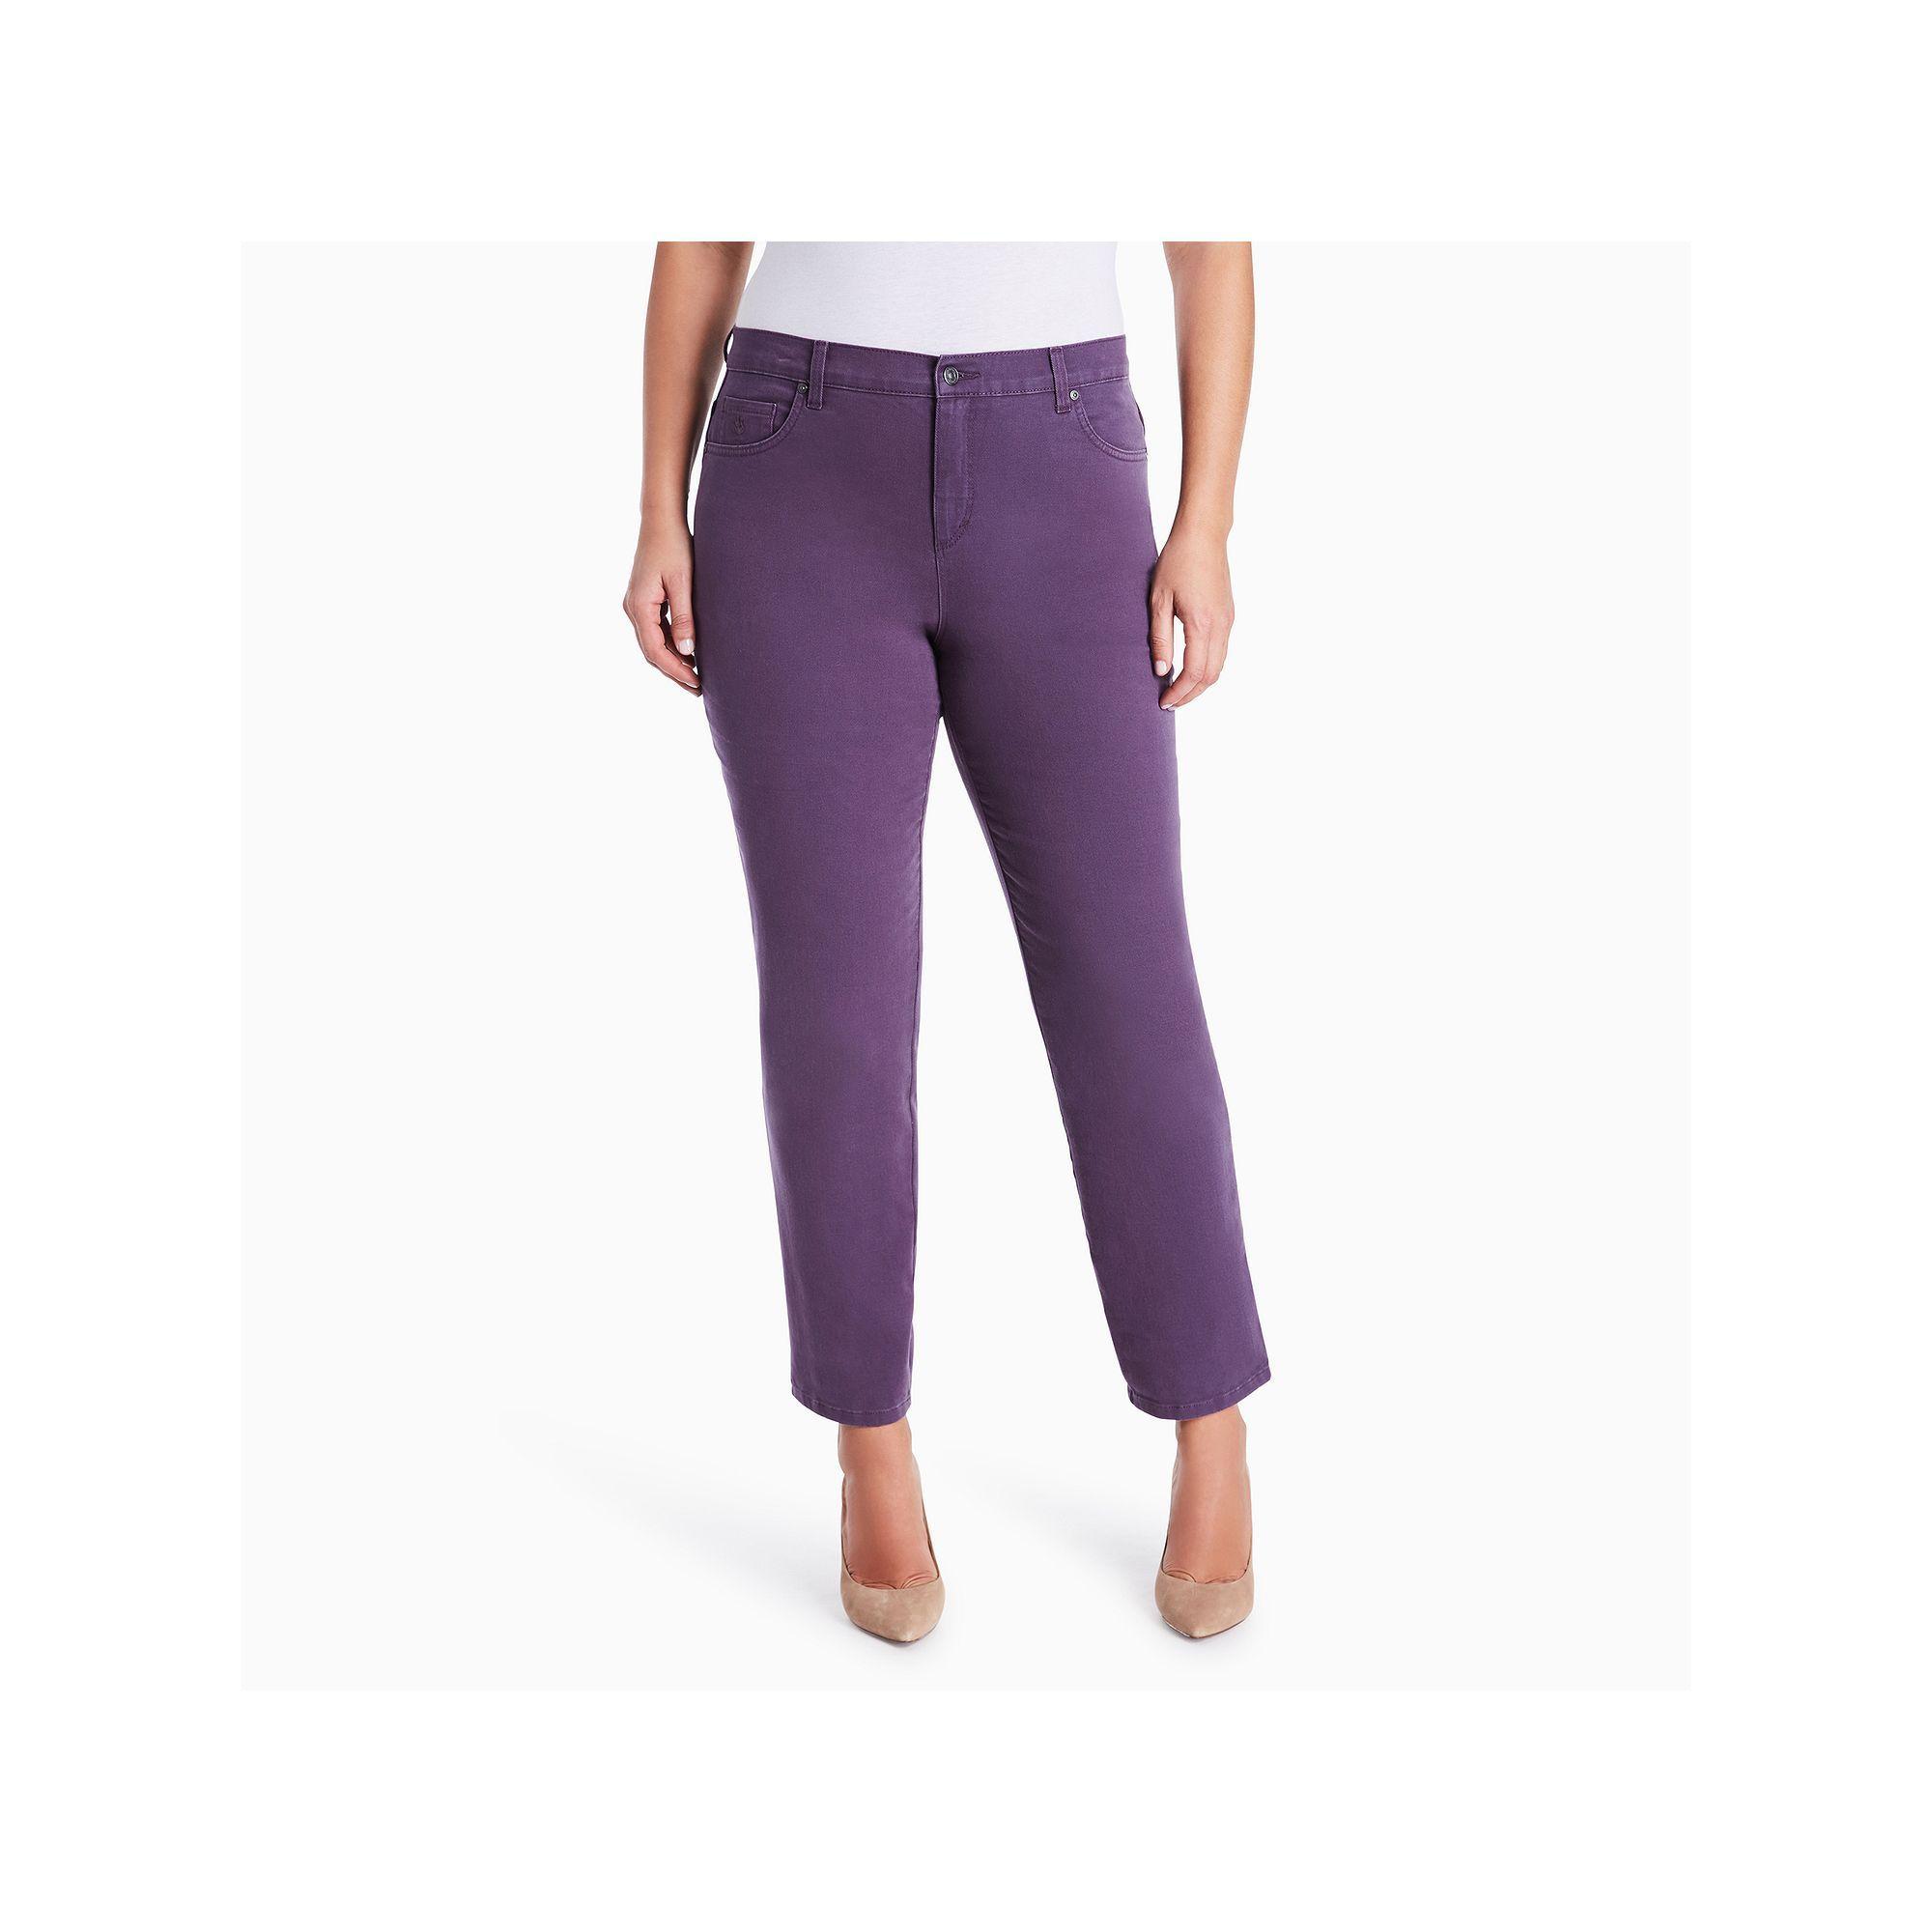 3c3dedd2ec4 Plus Size Gloria Vanderbilt Amanda Classic Tapered Jeans